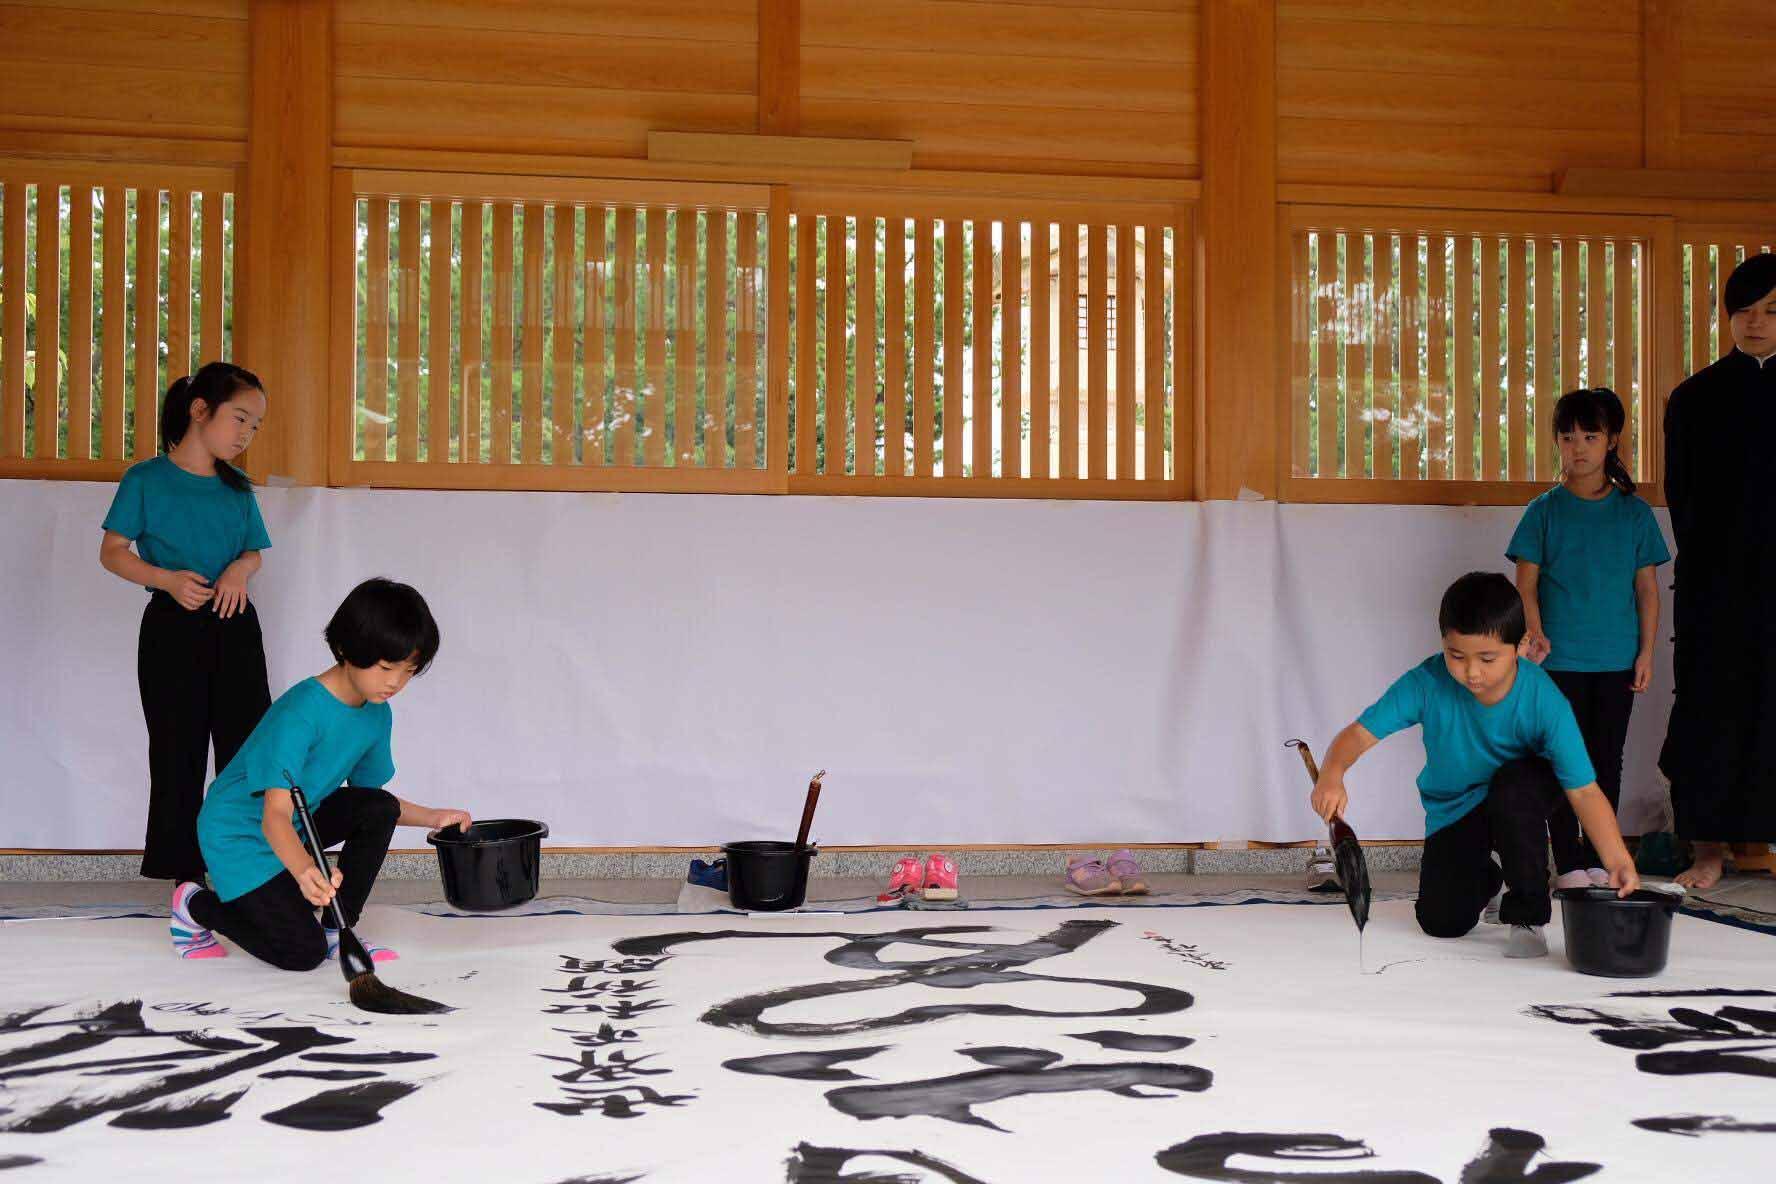 日本文化の精神を伝える機会に